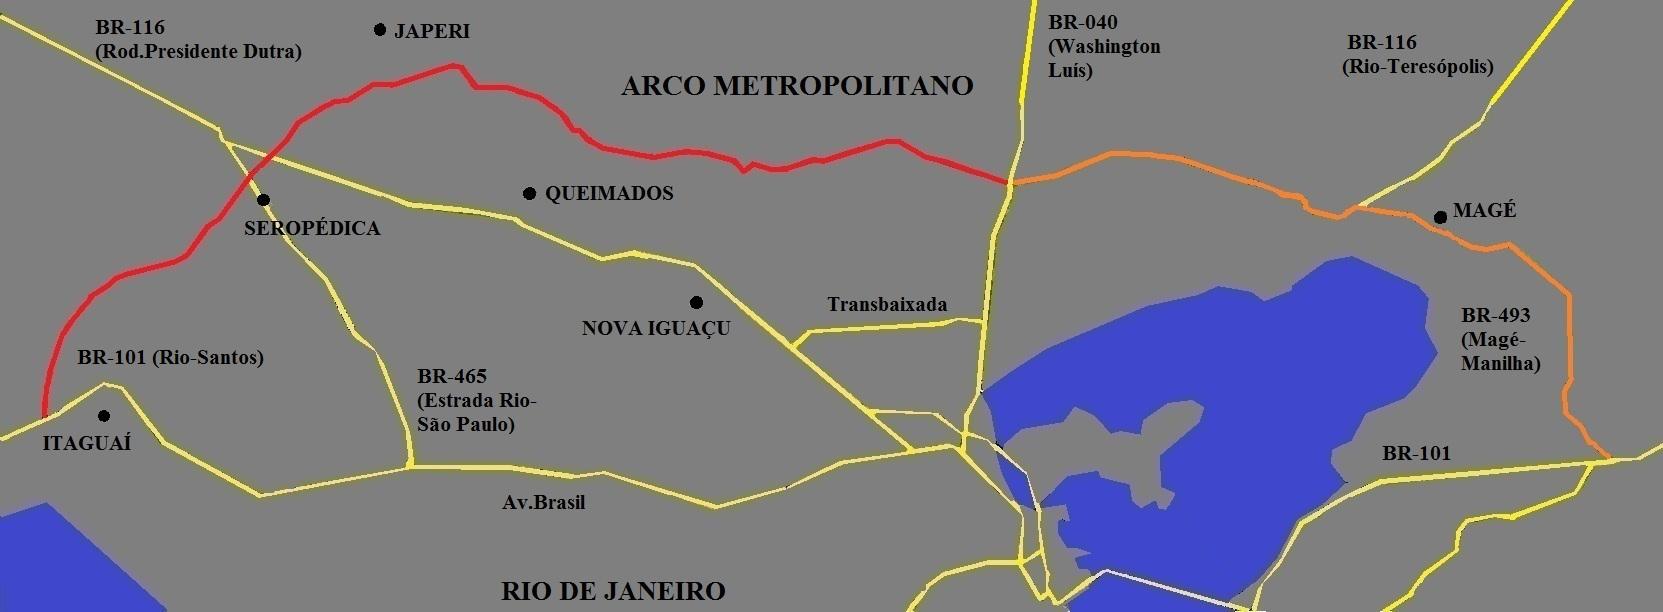 Veja o que saiu no Migalhas sobre Arco Metropolitano do Rio de Janeiro